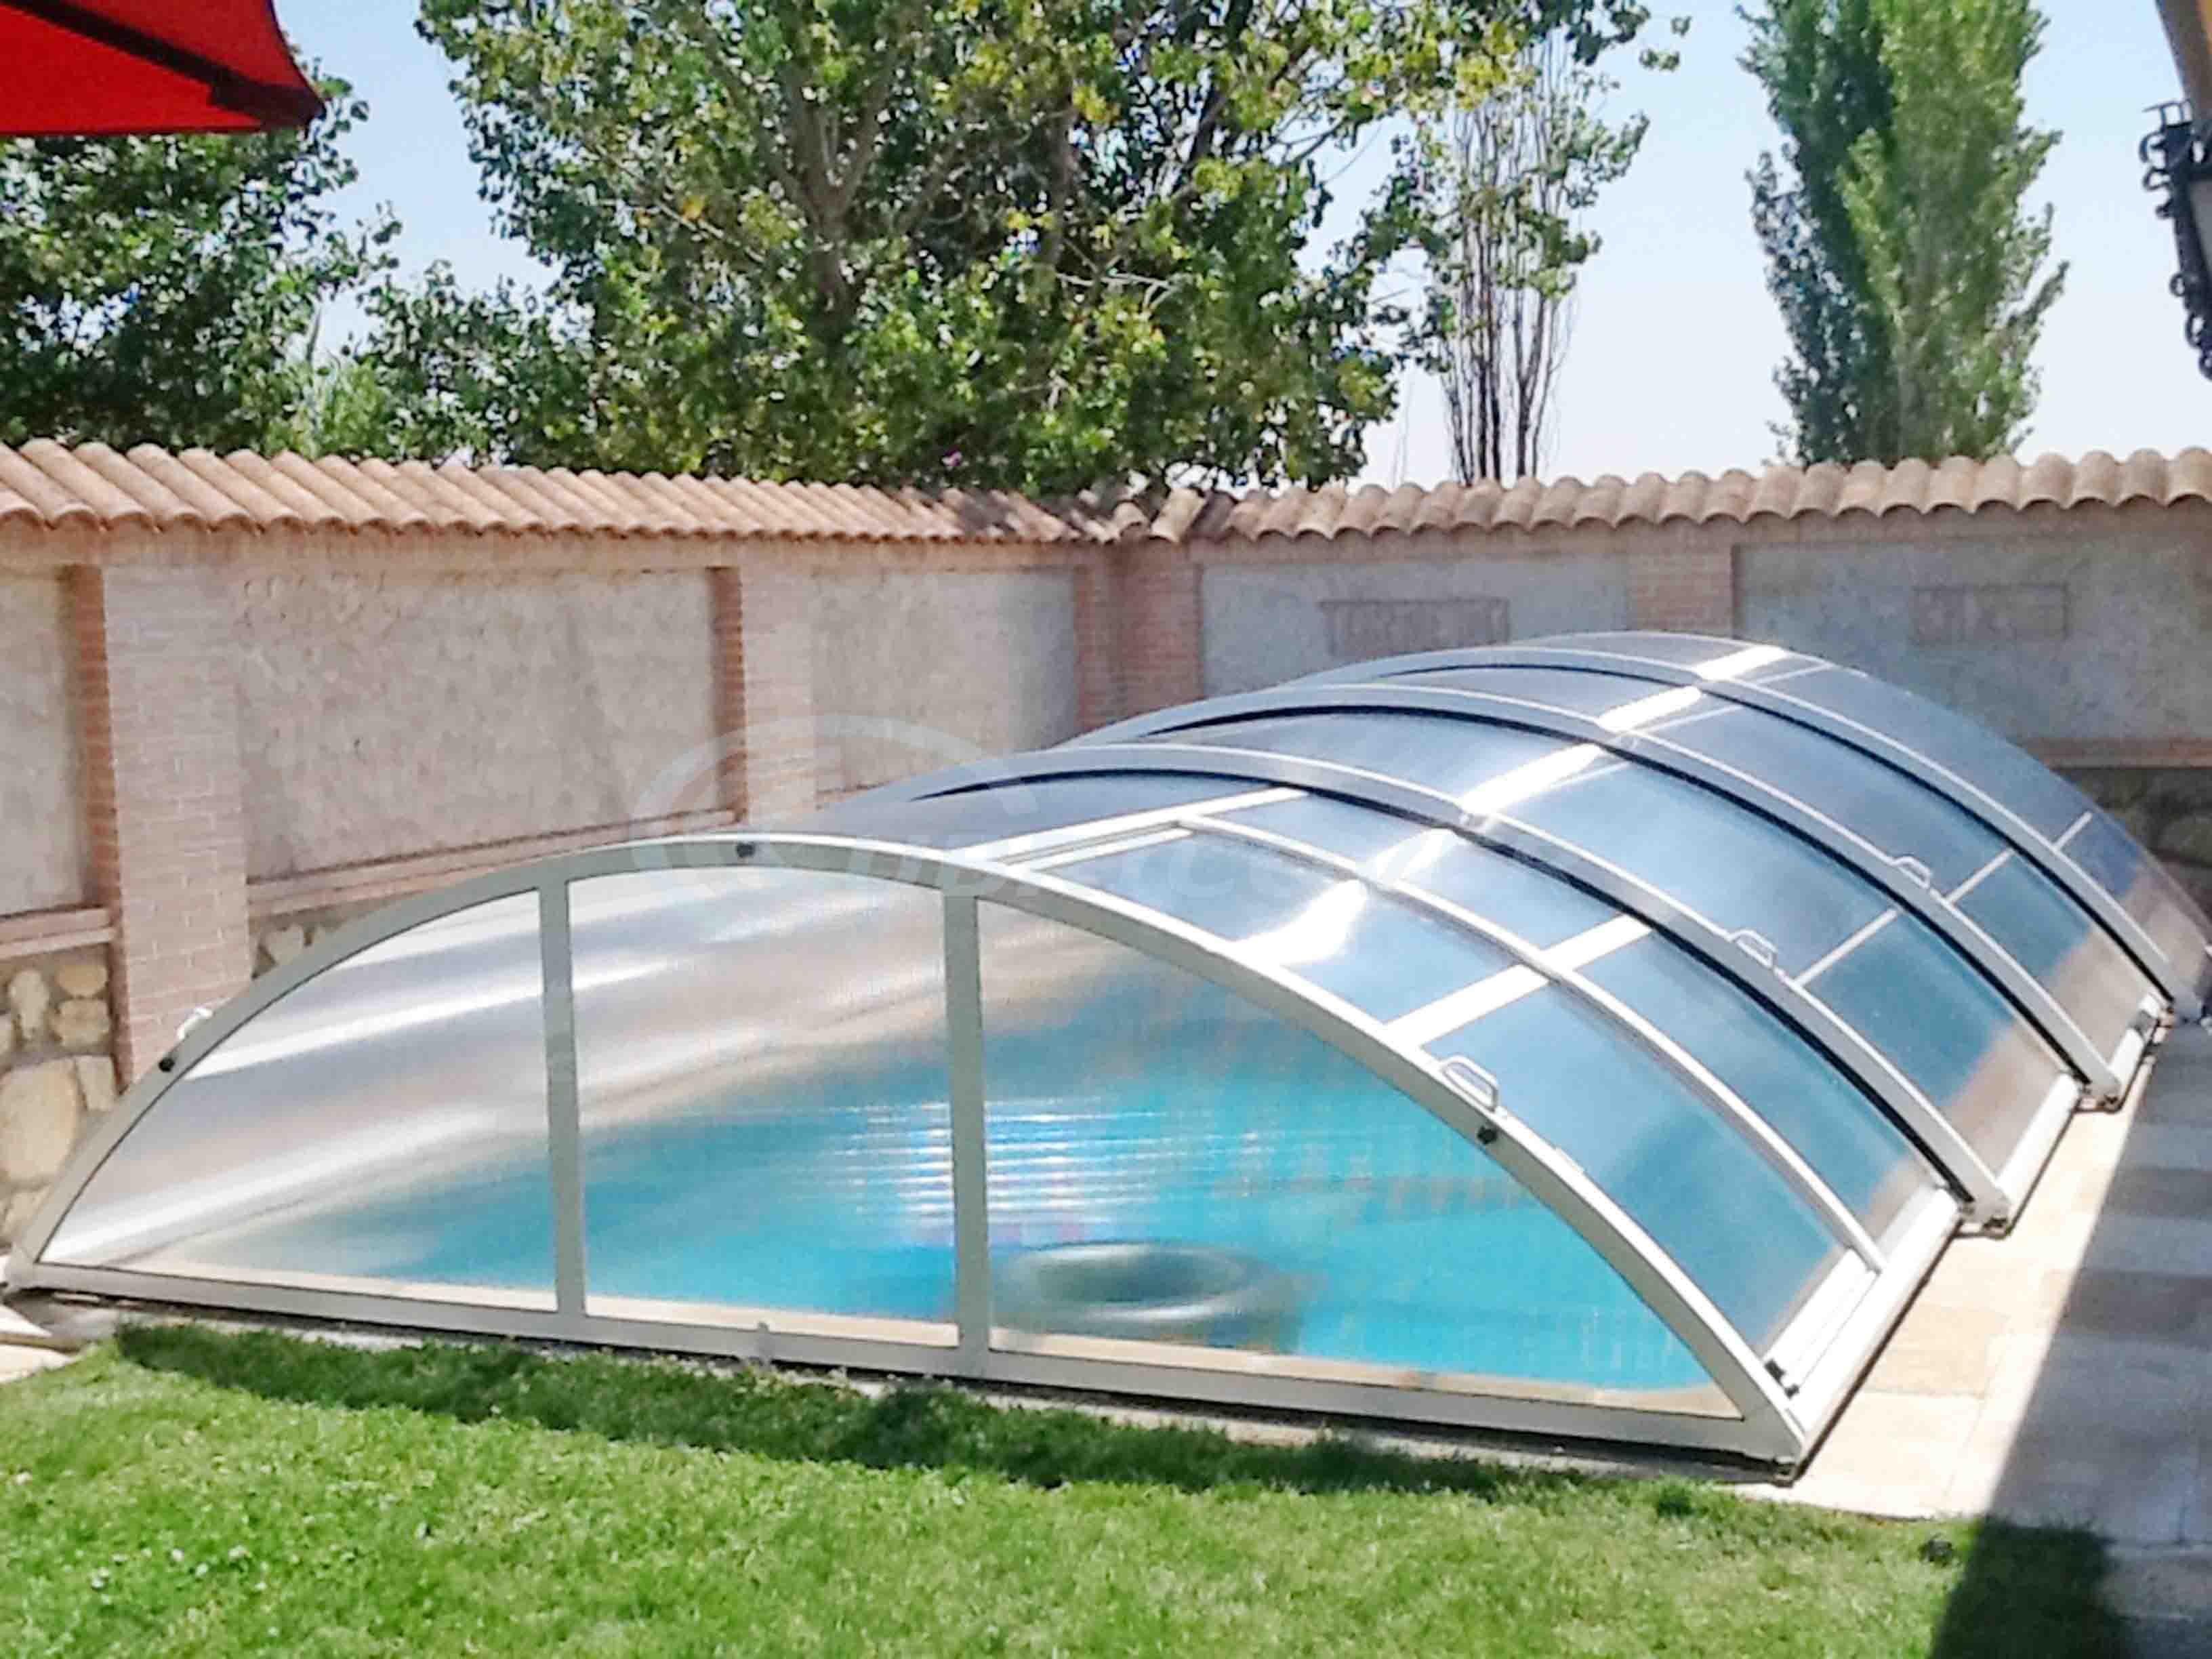 Cubierta para piscina baja telesc pica cubricover for Piscinas ponferrada